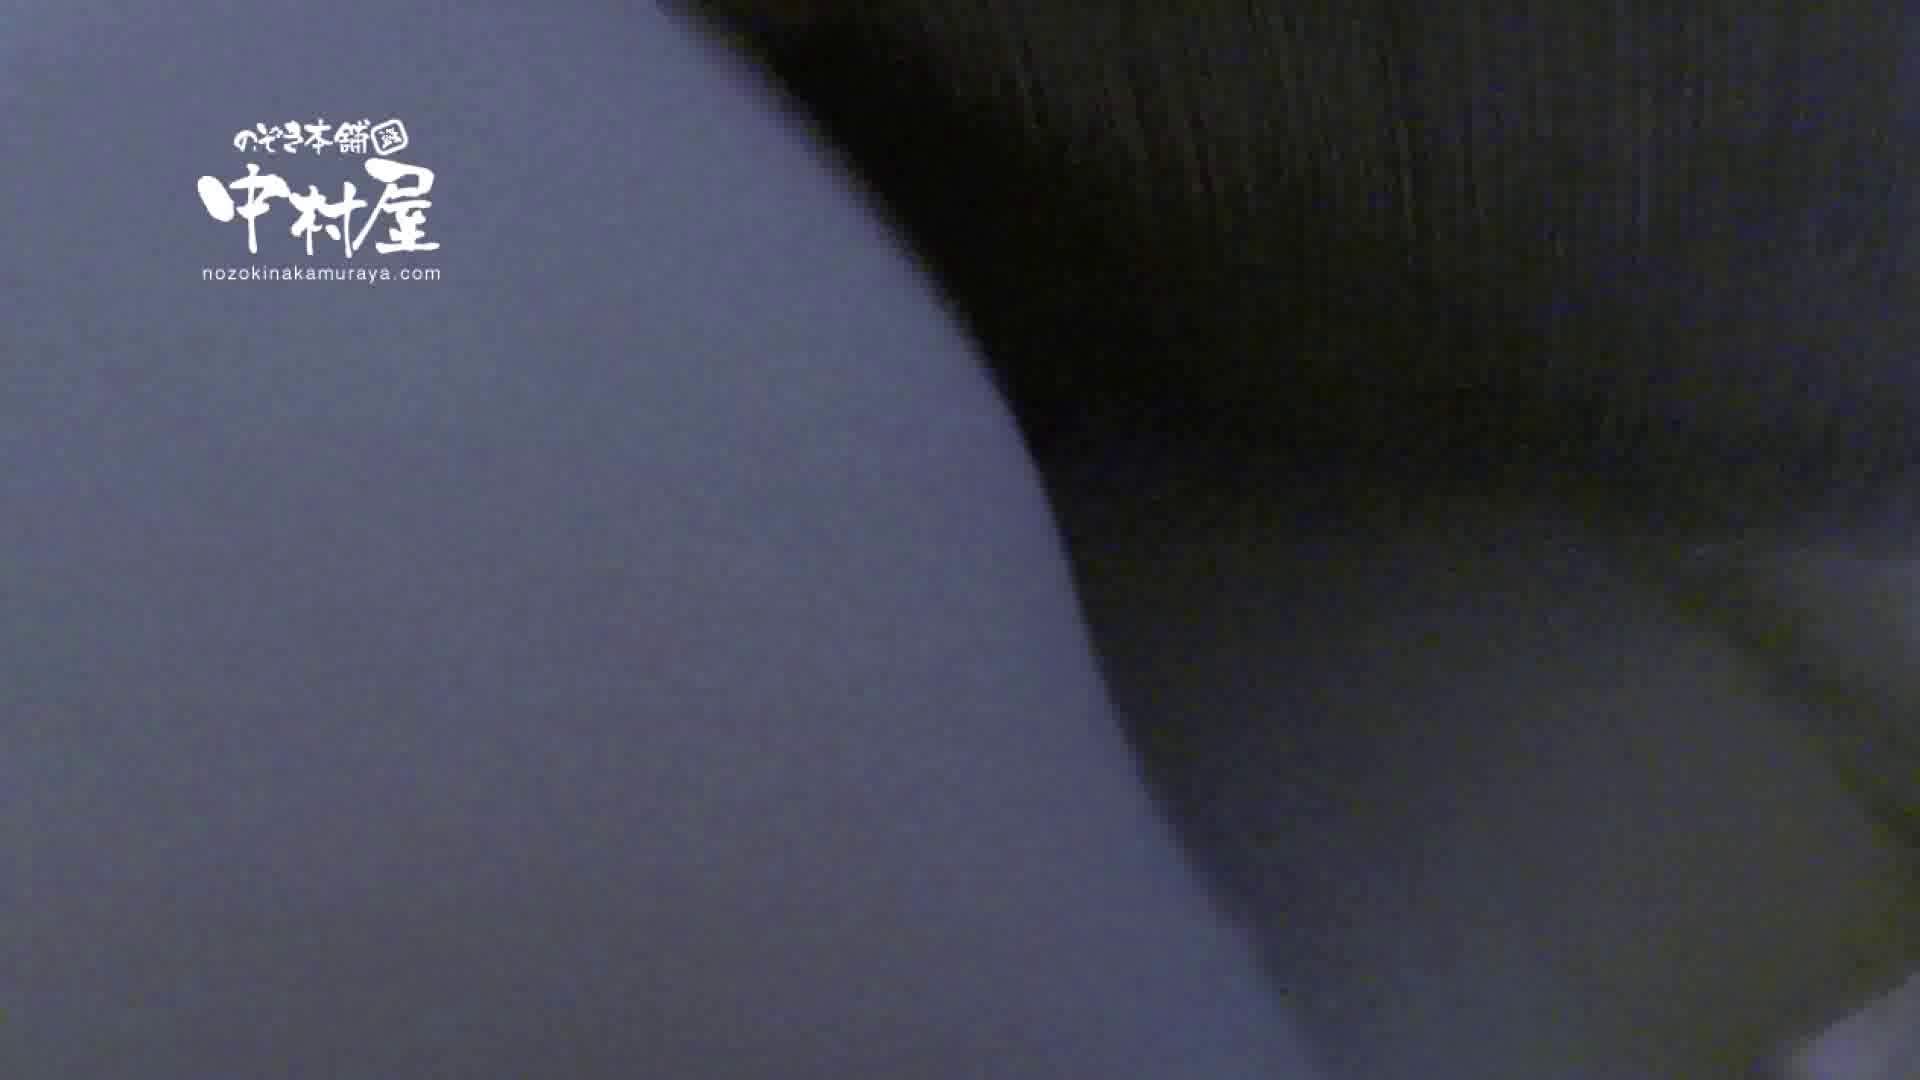 鬼畜 vol.08 極悪!妊娠覚悟の中出し! 前編 中出し  87PIX 50